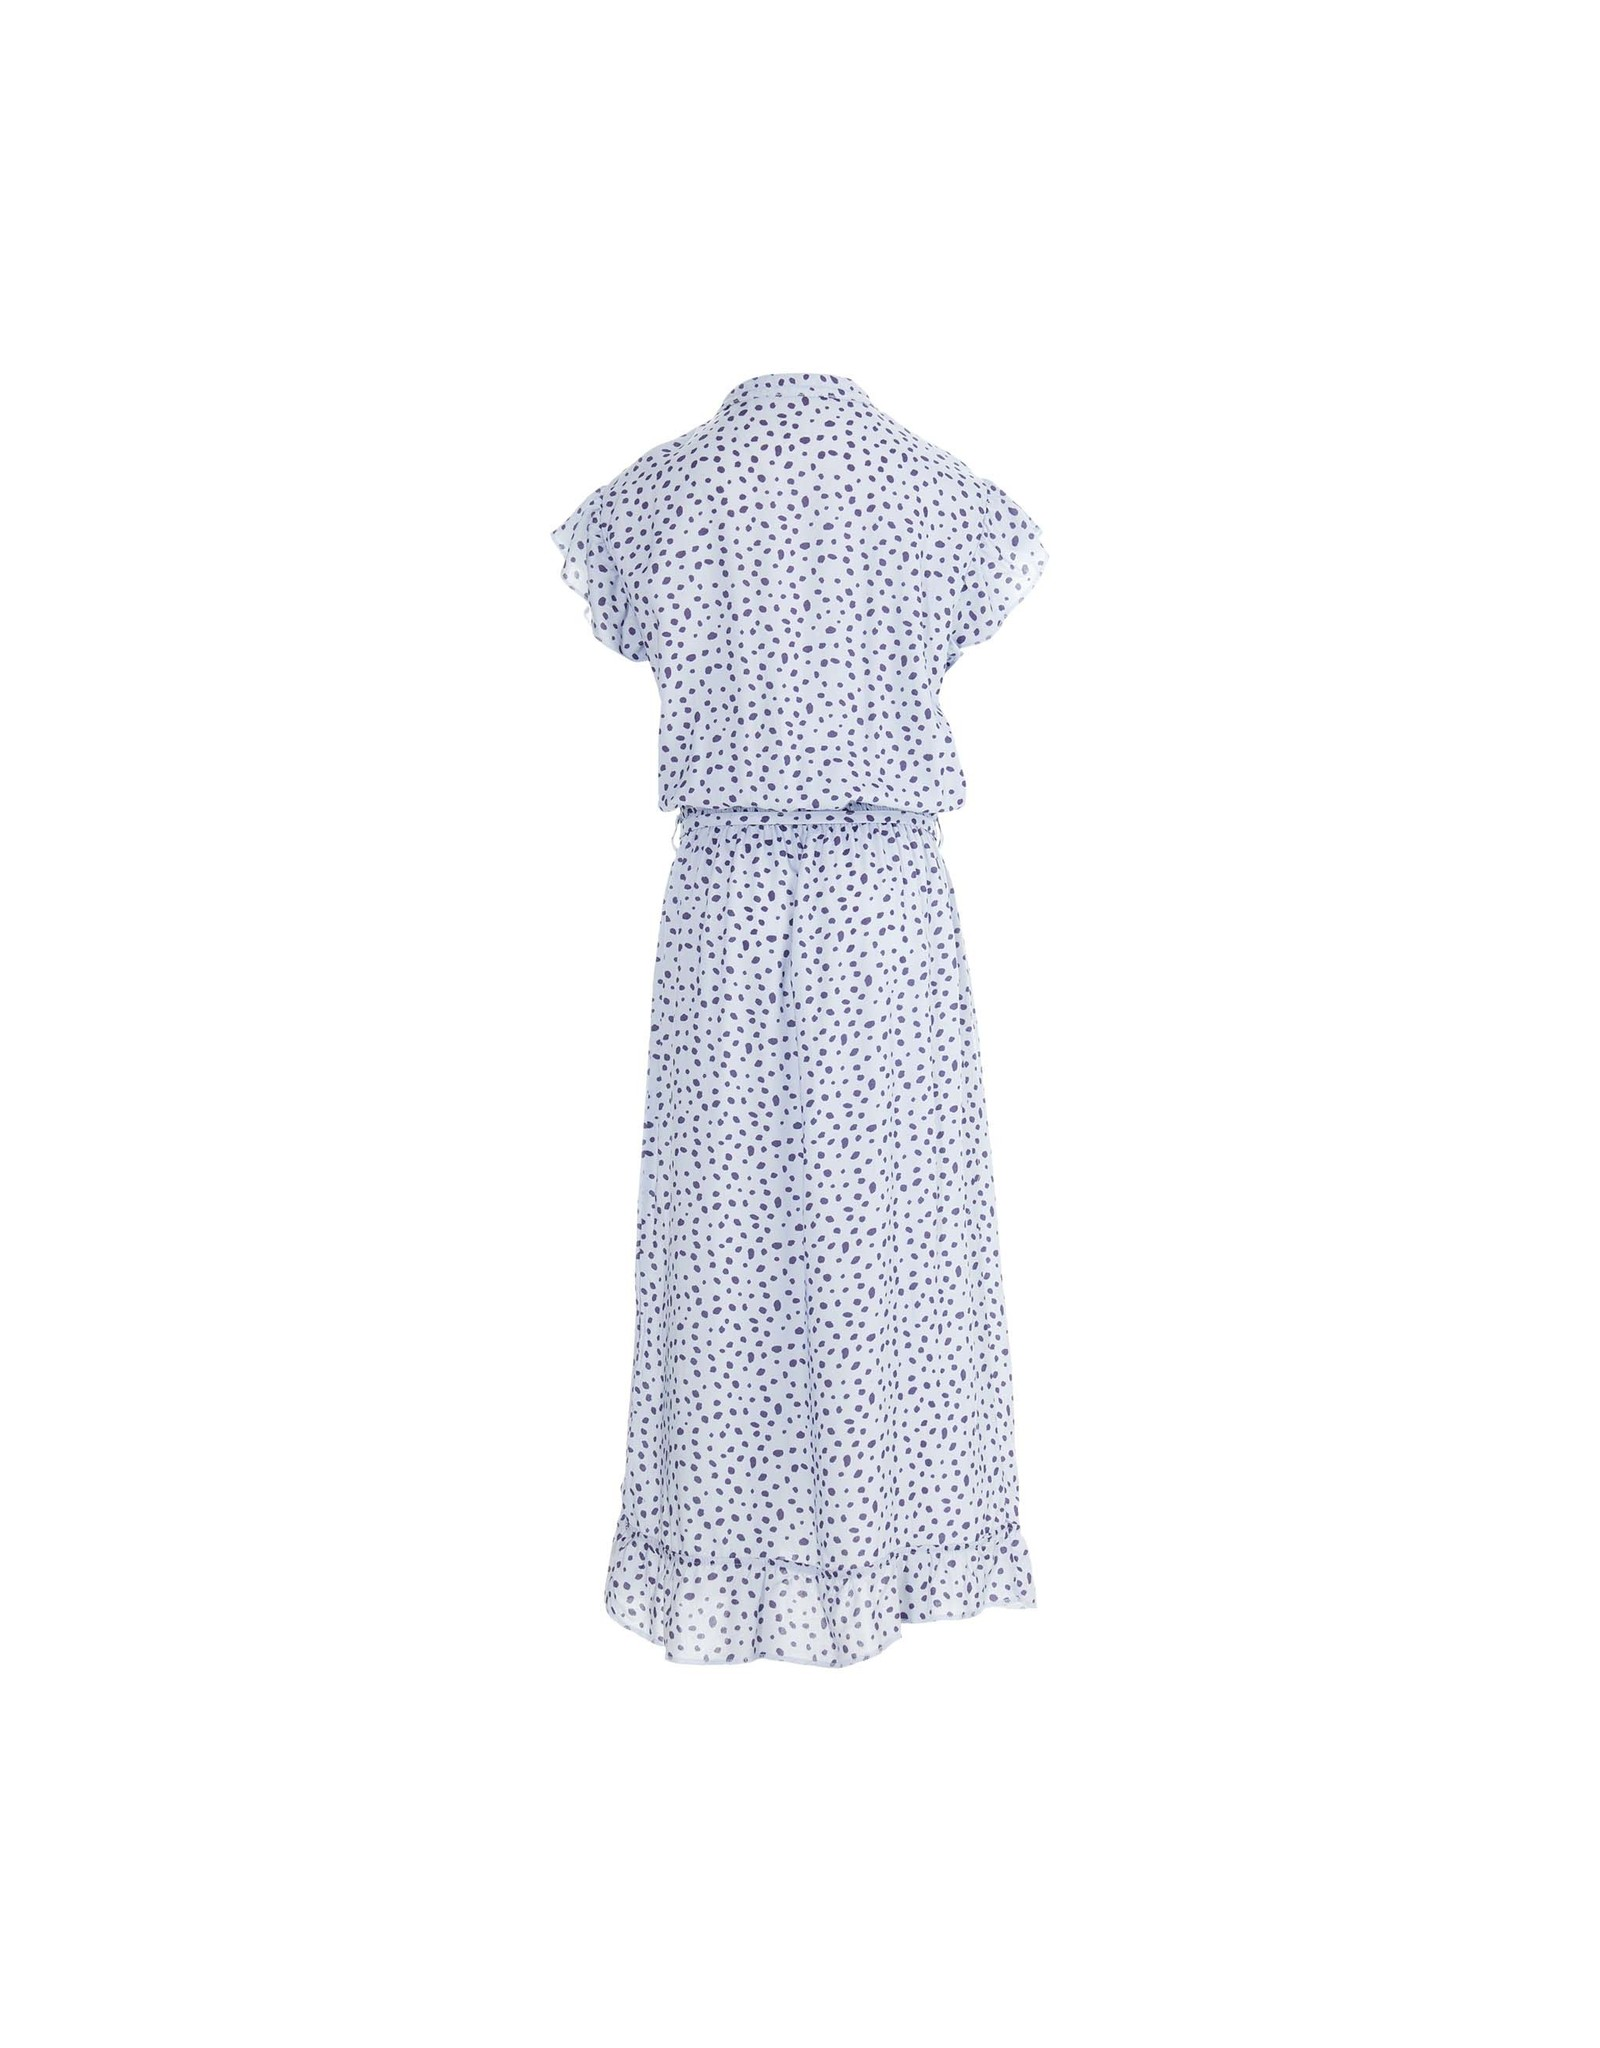 LEVV Levv meiden jurk Maegan Sky Blue Dot